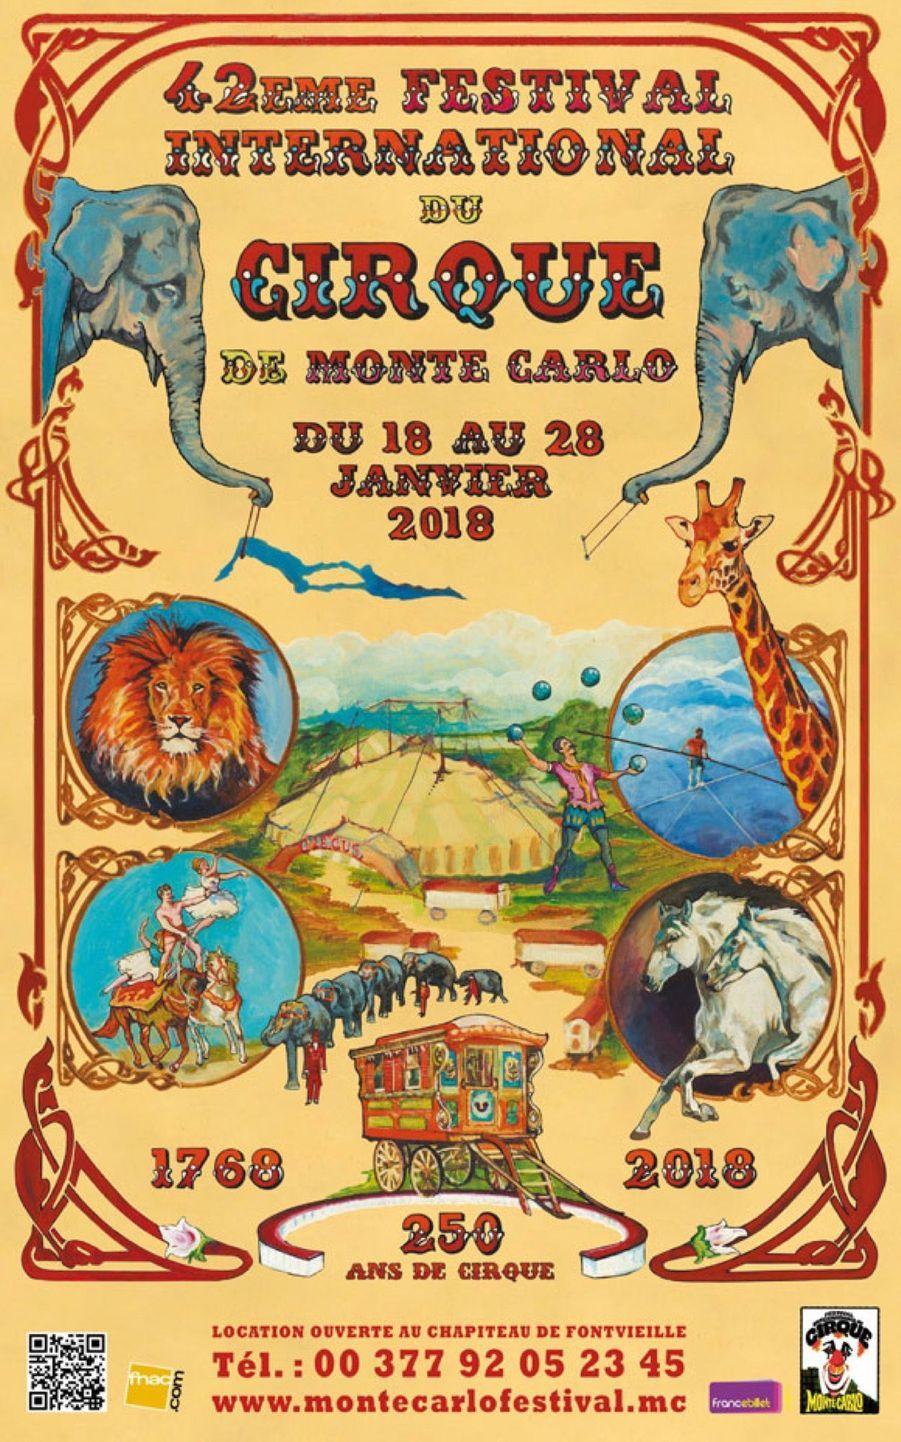 Stéphanie De Monaco Présente Le 42e Festival International Du Cirque De Monte Carlo 18